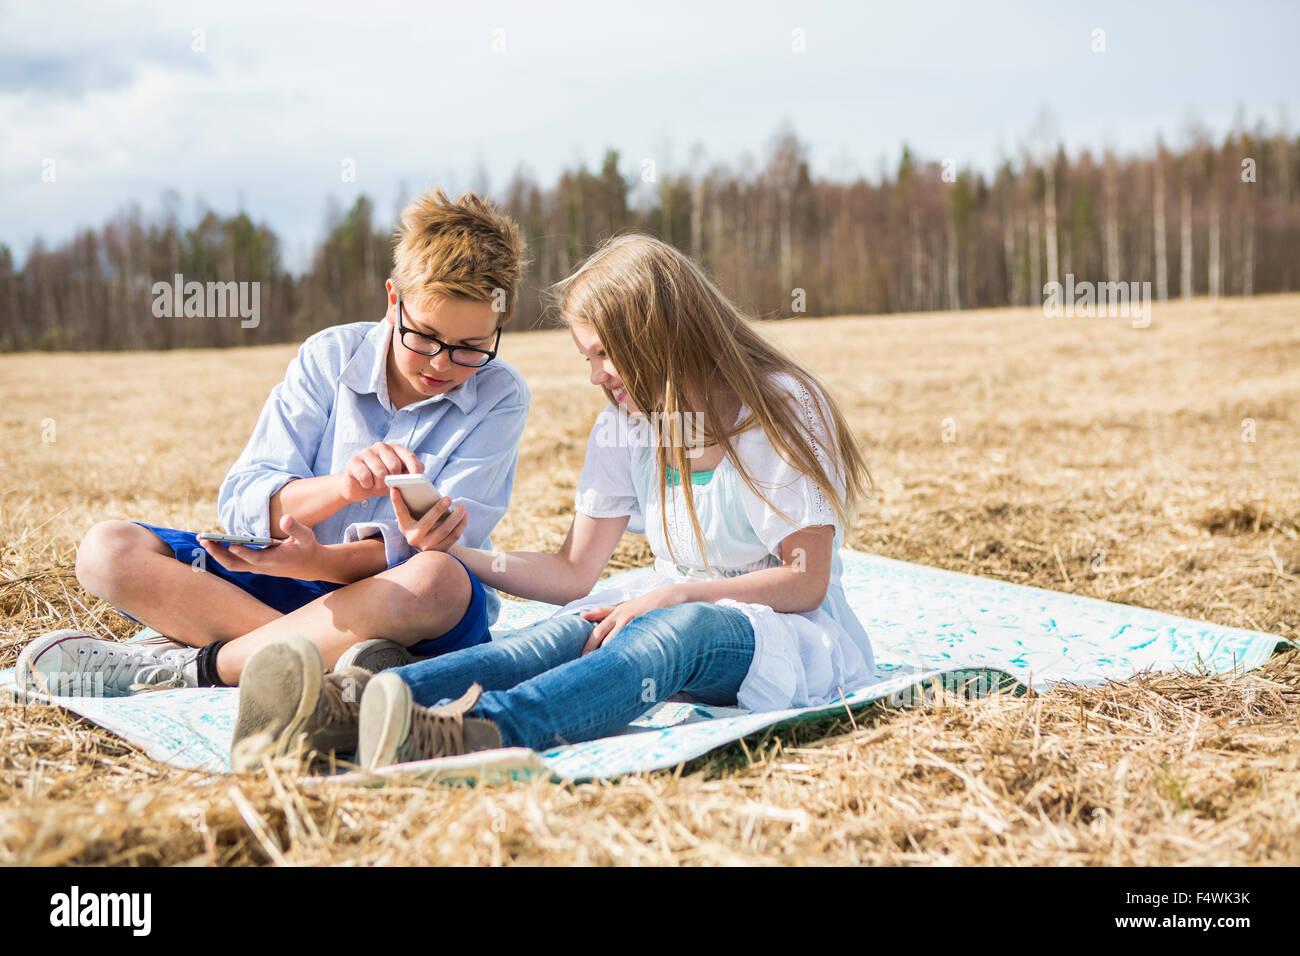 Finlandia, Keski-Suomi, Aanekoski, niña y niño (12-13) (12-13) sentada sobre una manta en el campo y en Imagen De Stock